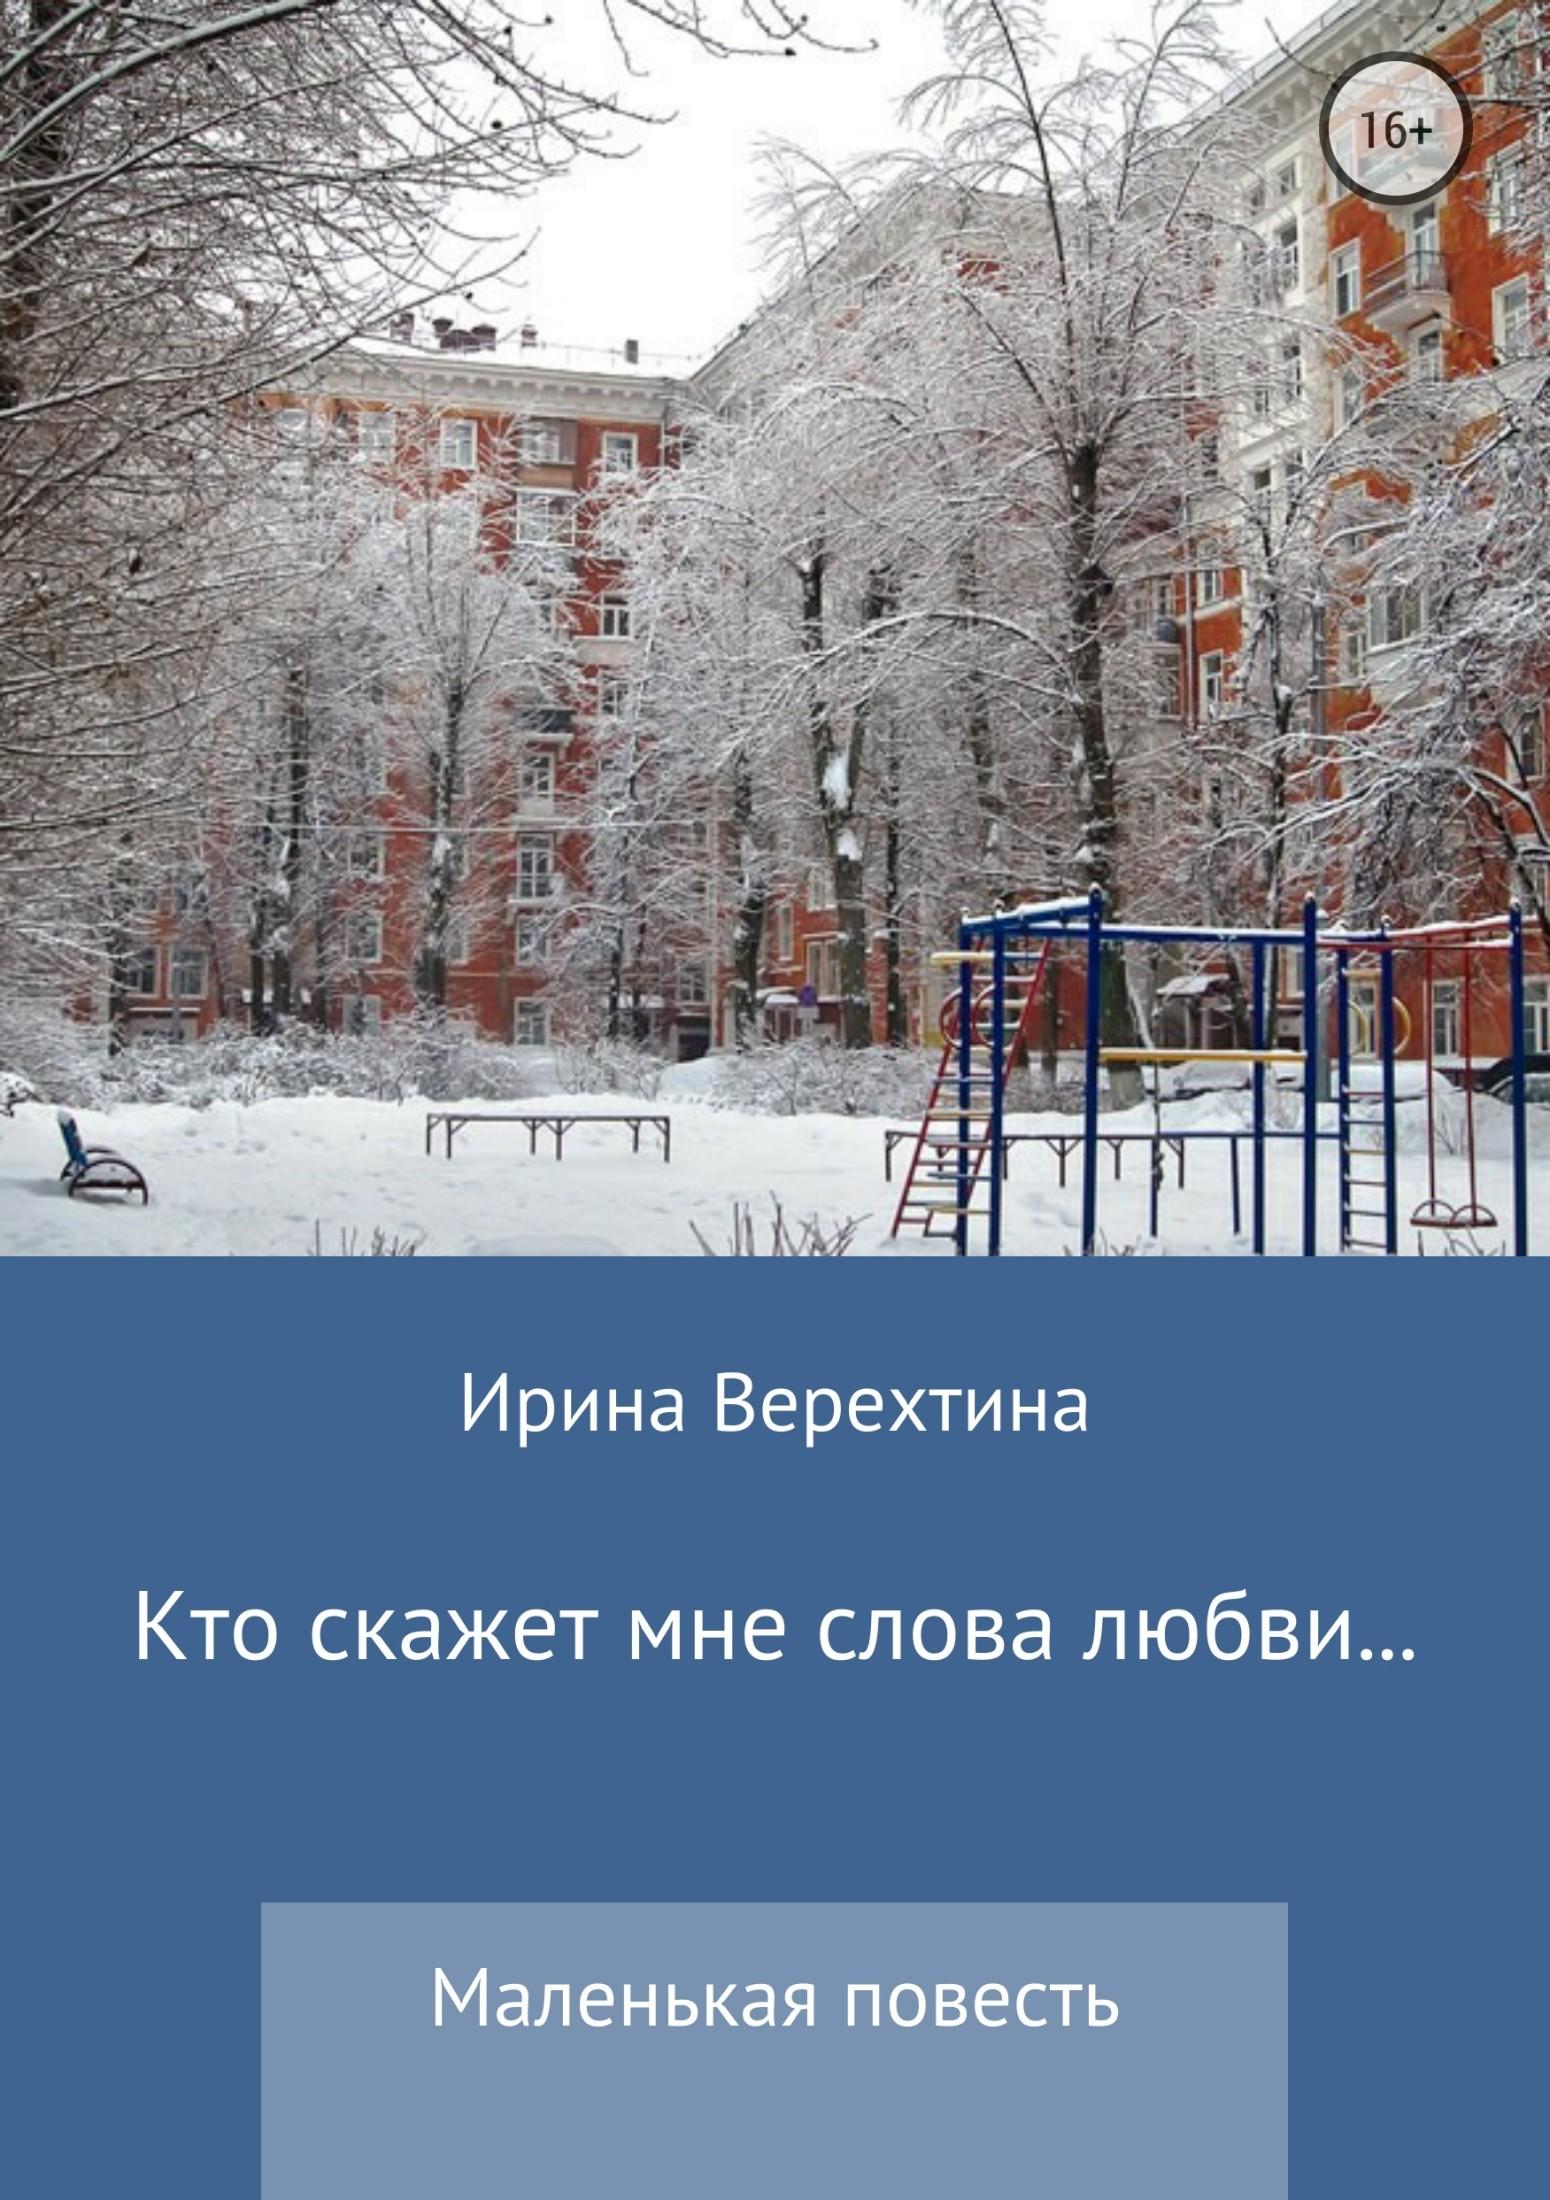 Ирина Верехтина Кто скажет мне слова любви… виктория ли аида улюбви нет религий убога нет наций…